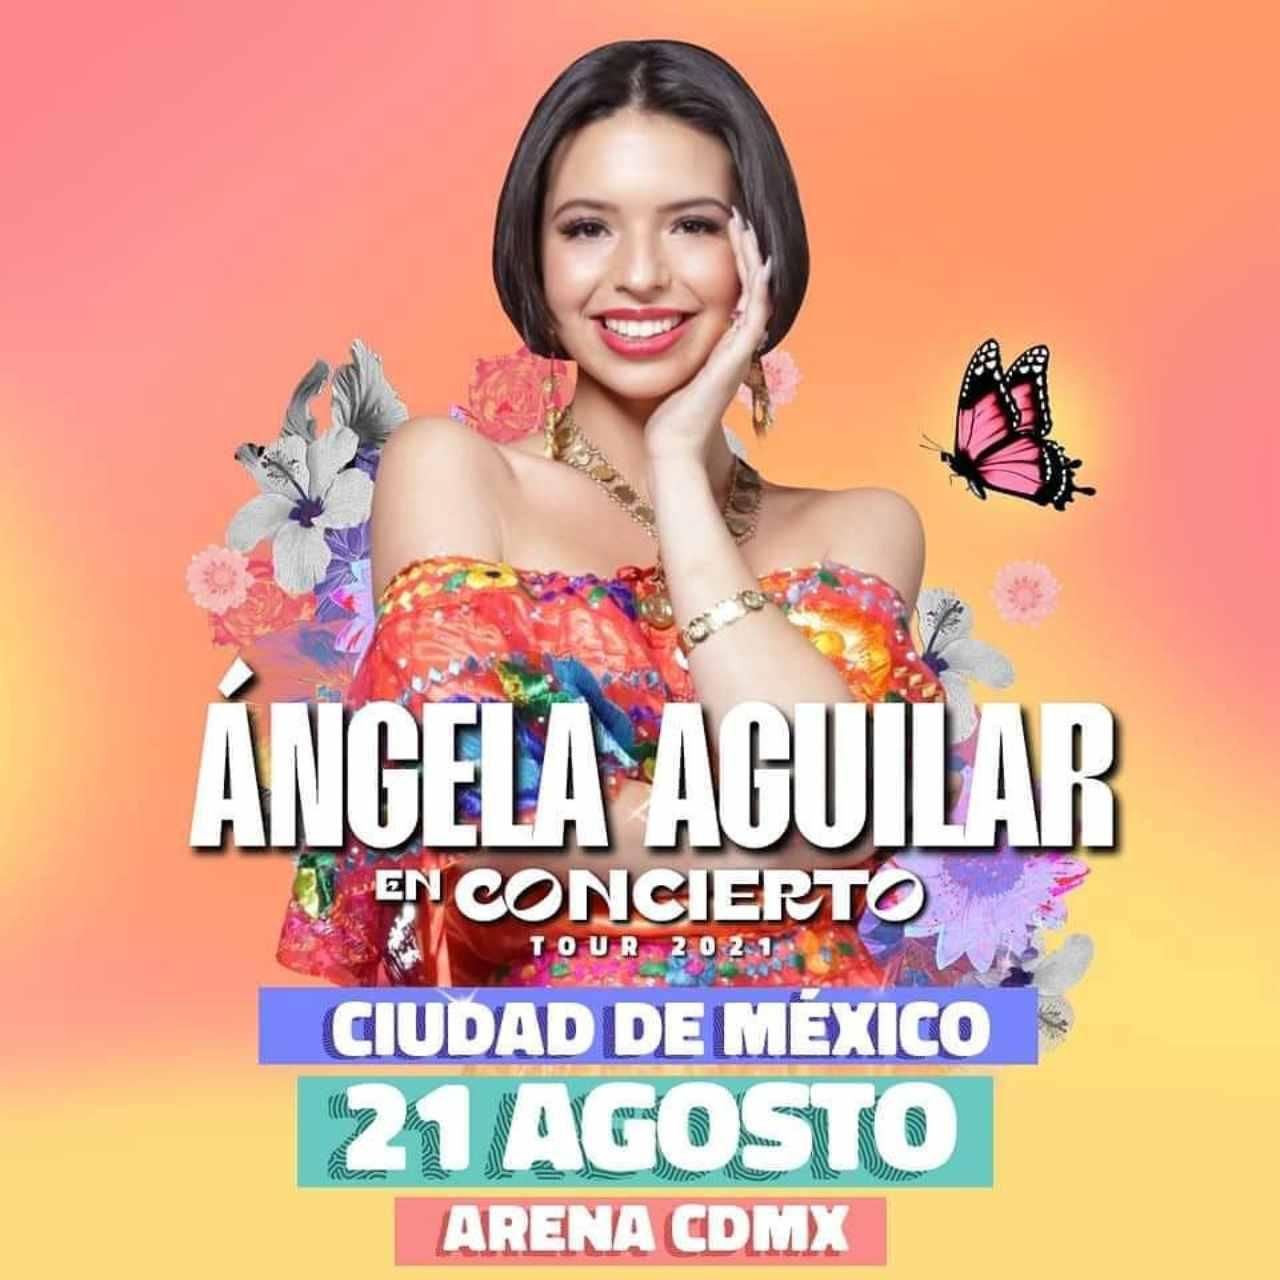 Flyer del concierto de Ángela Aguilar